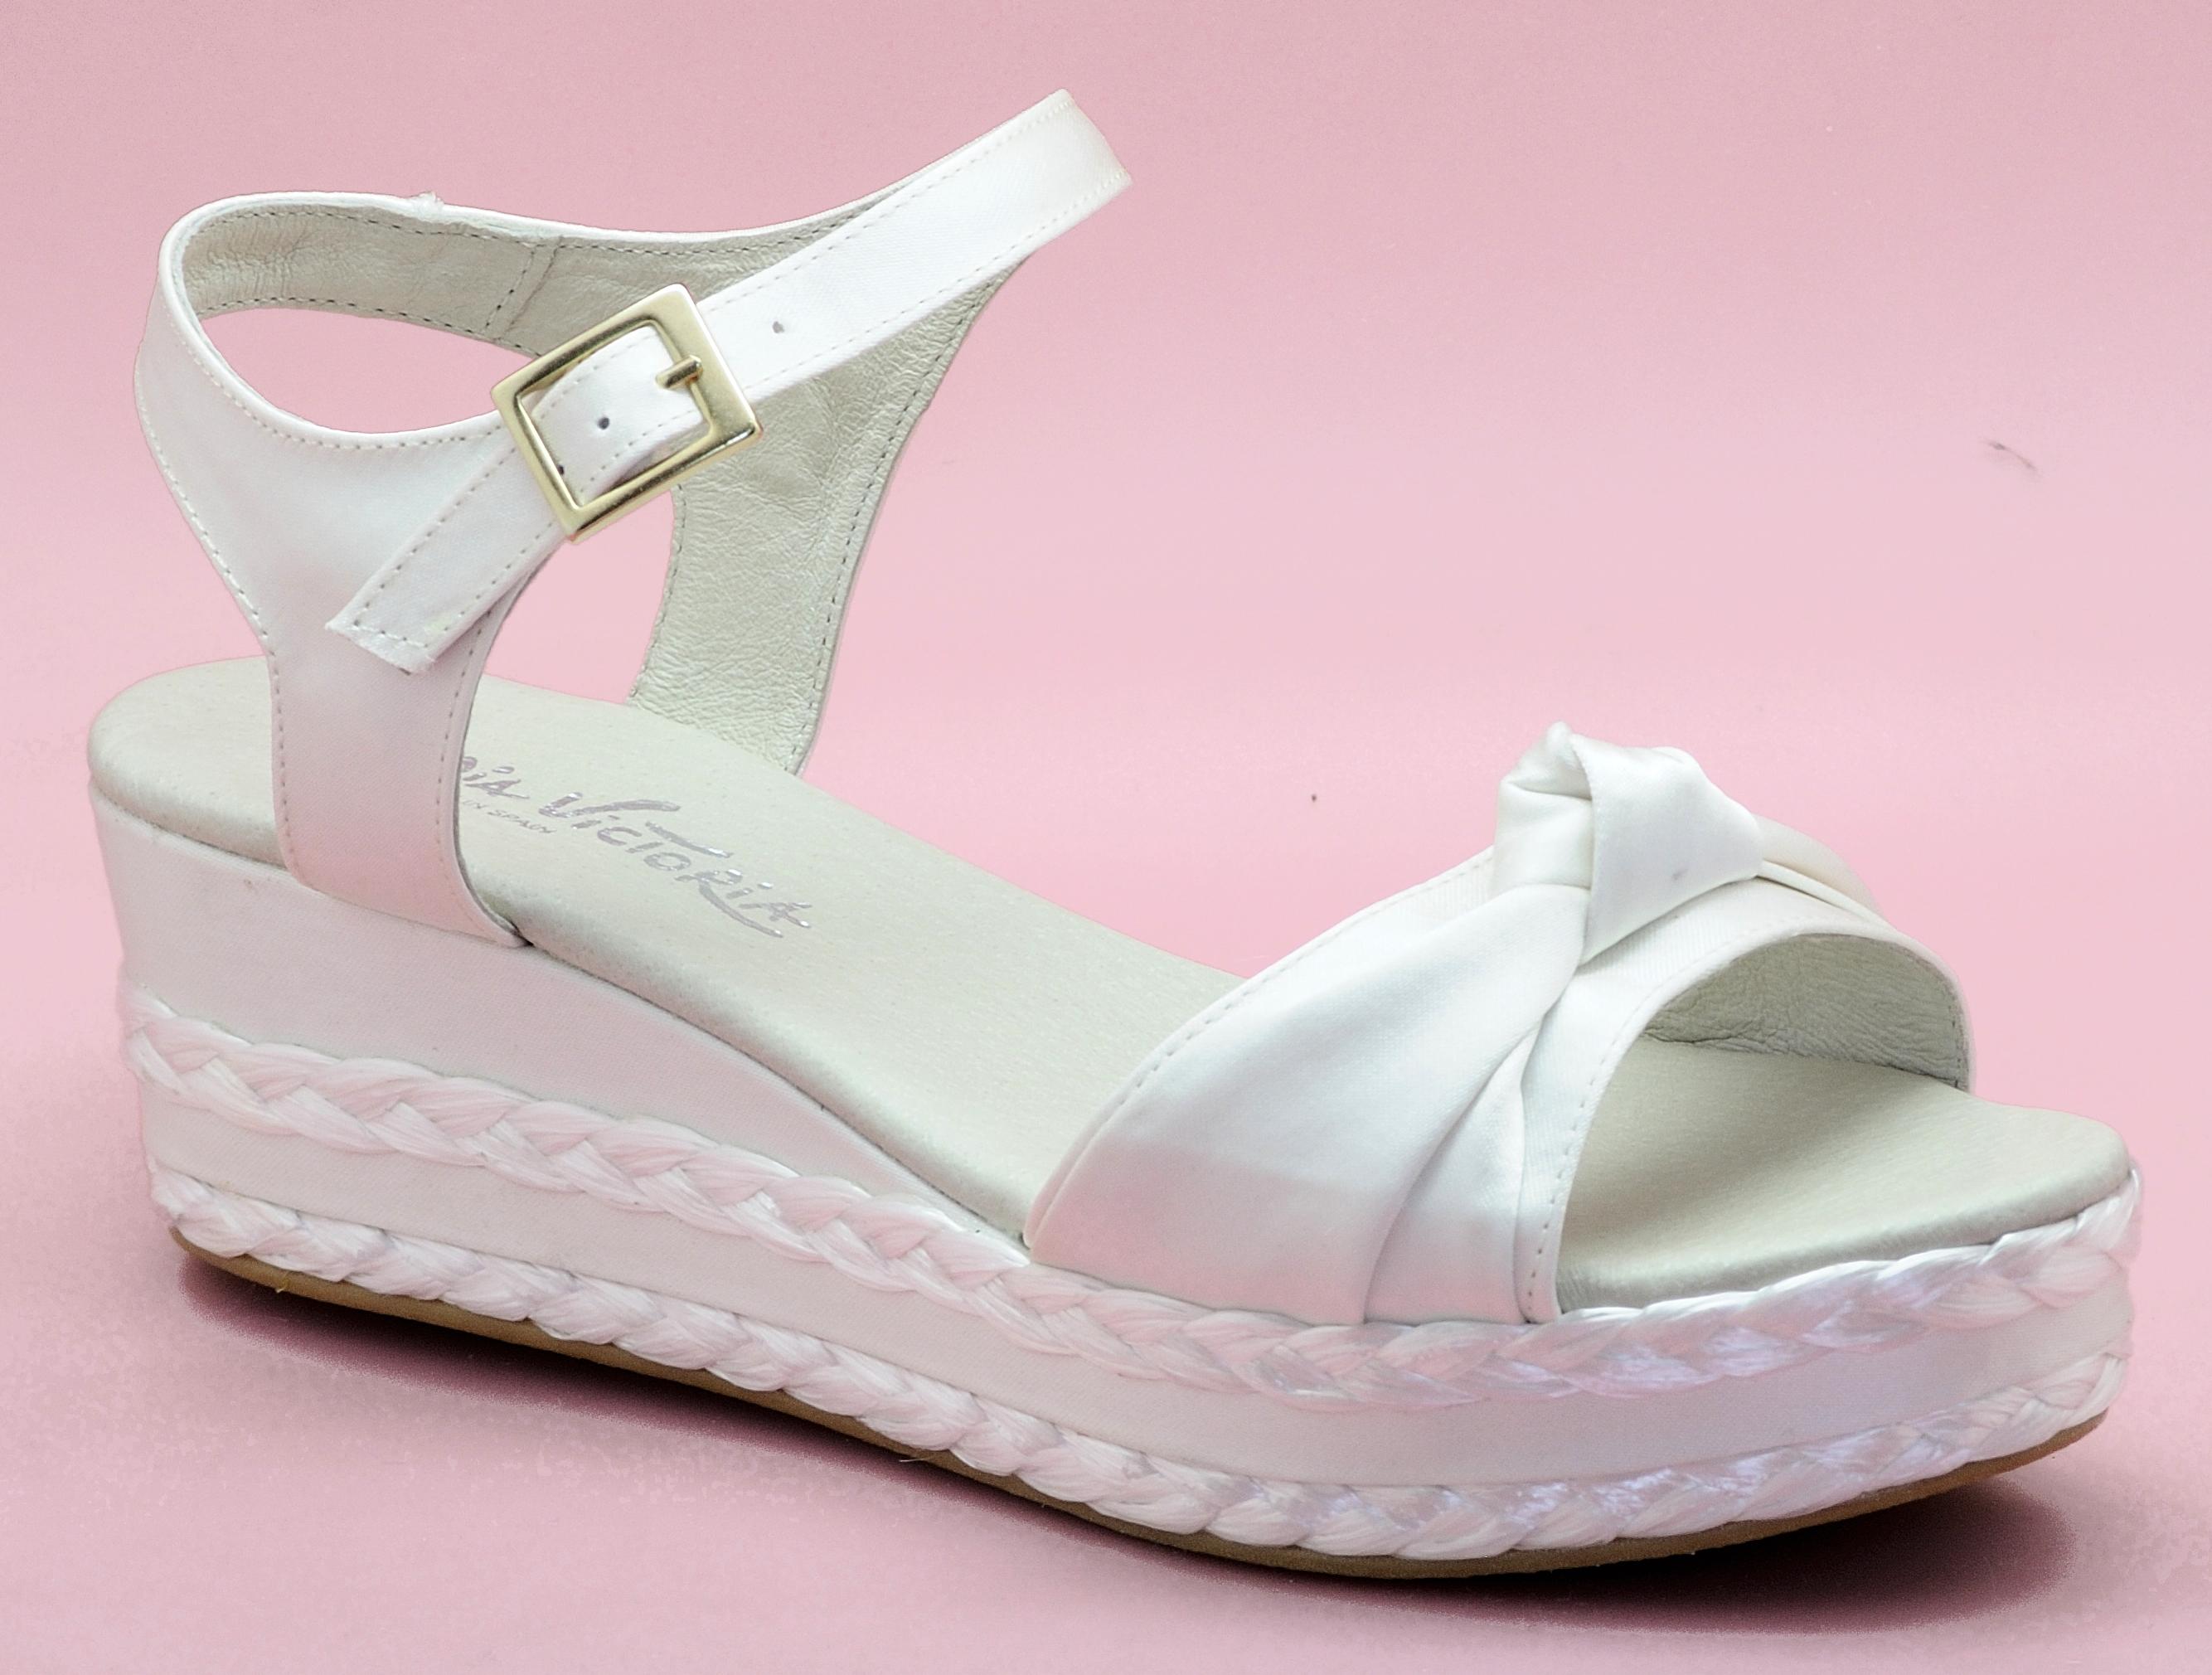 Zapatos de novia cómodos - Modelo Aída - Cuña altura media